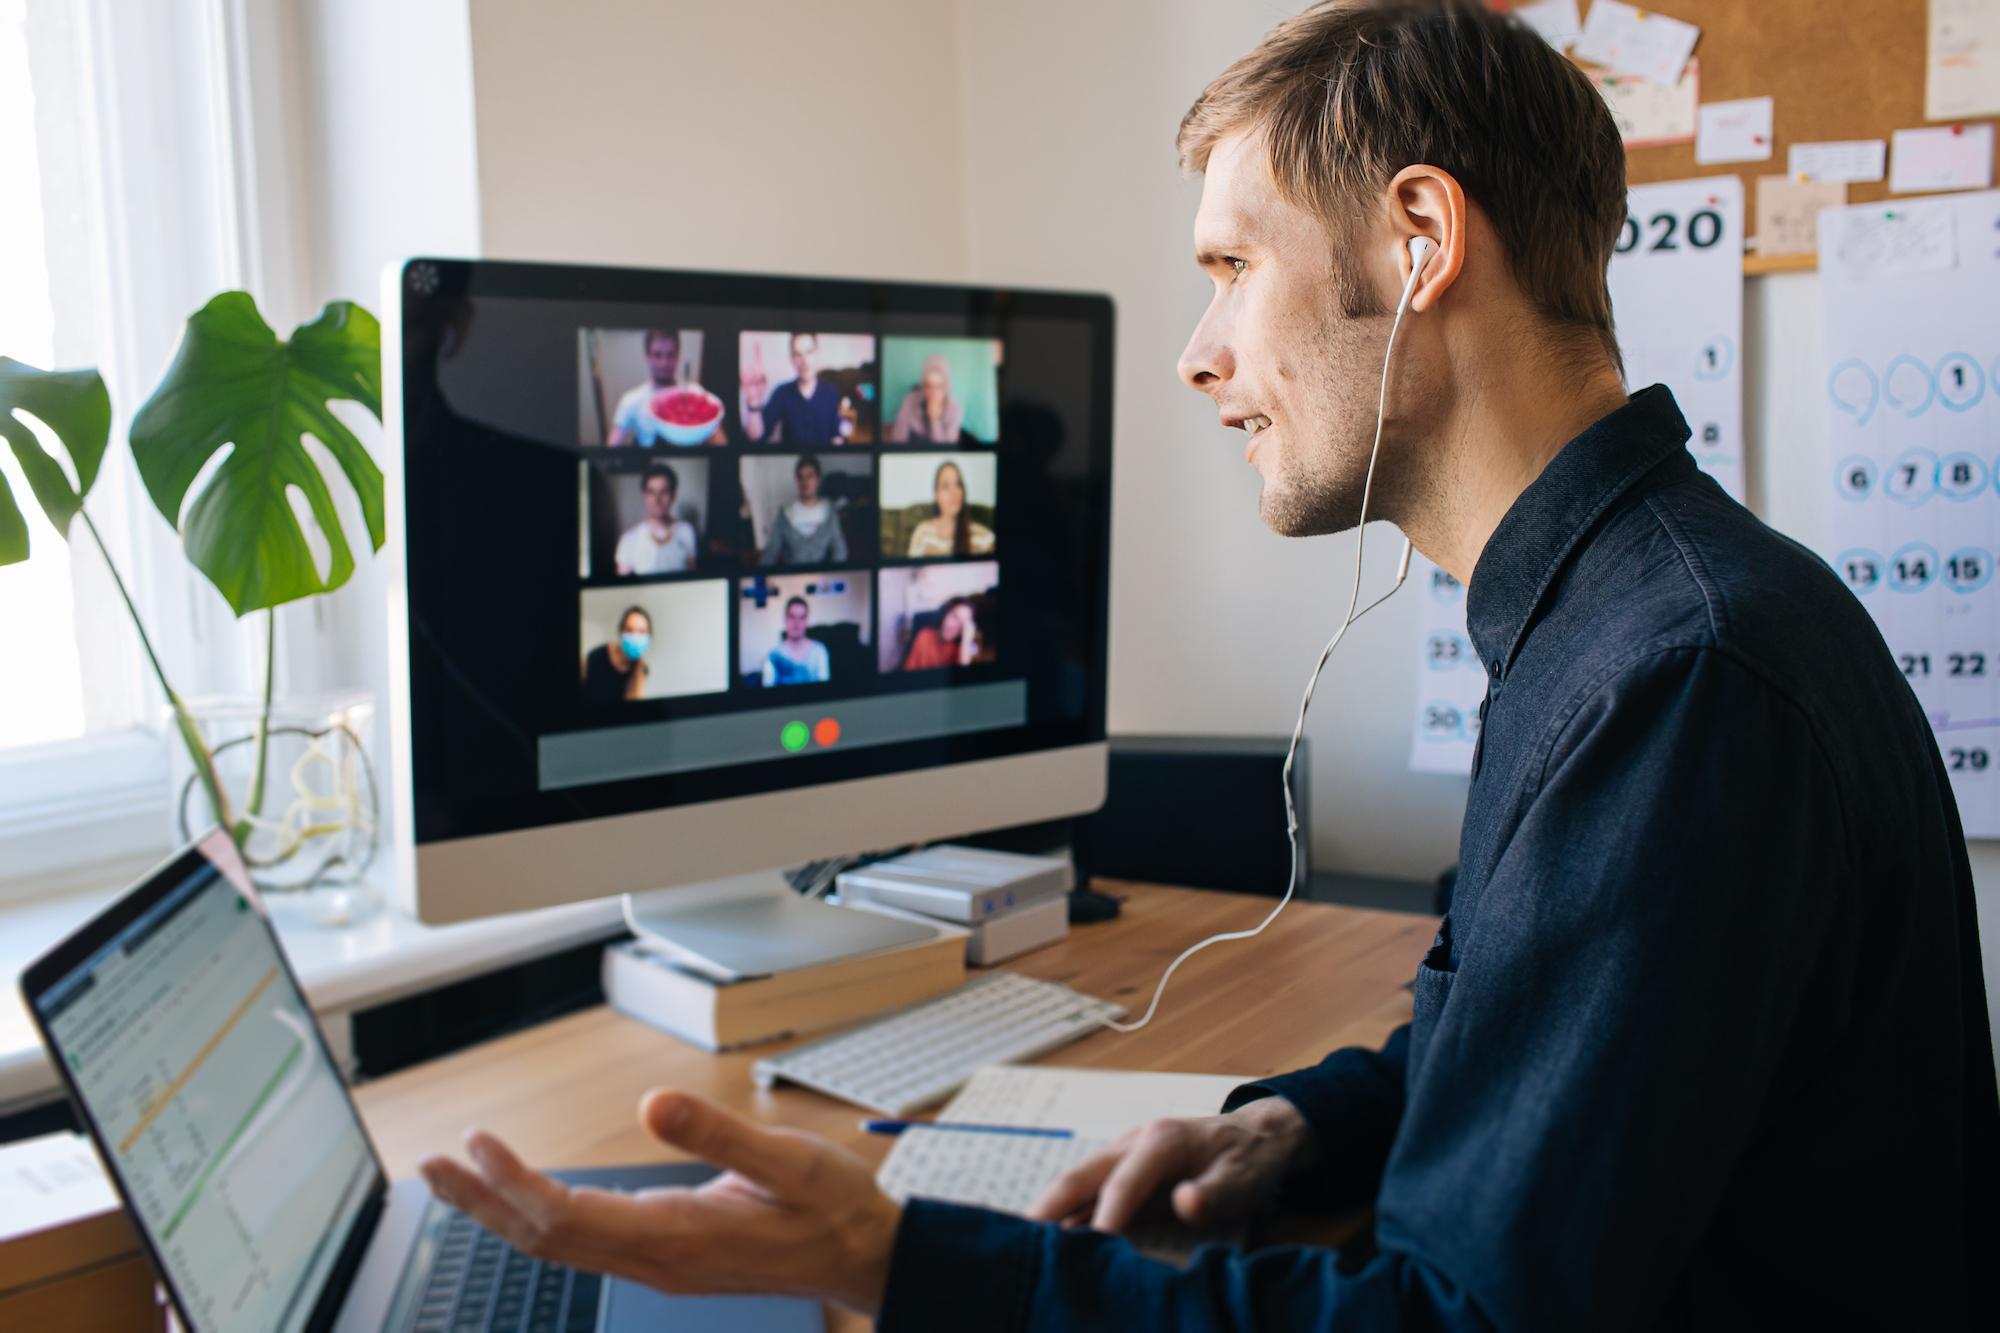 Dużo życiowej energii marnujemy także interpretując zachowania innych osób (fot. Shutterstock)